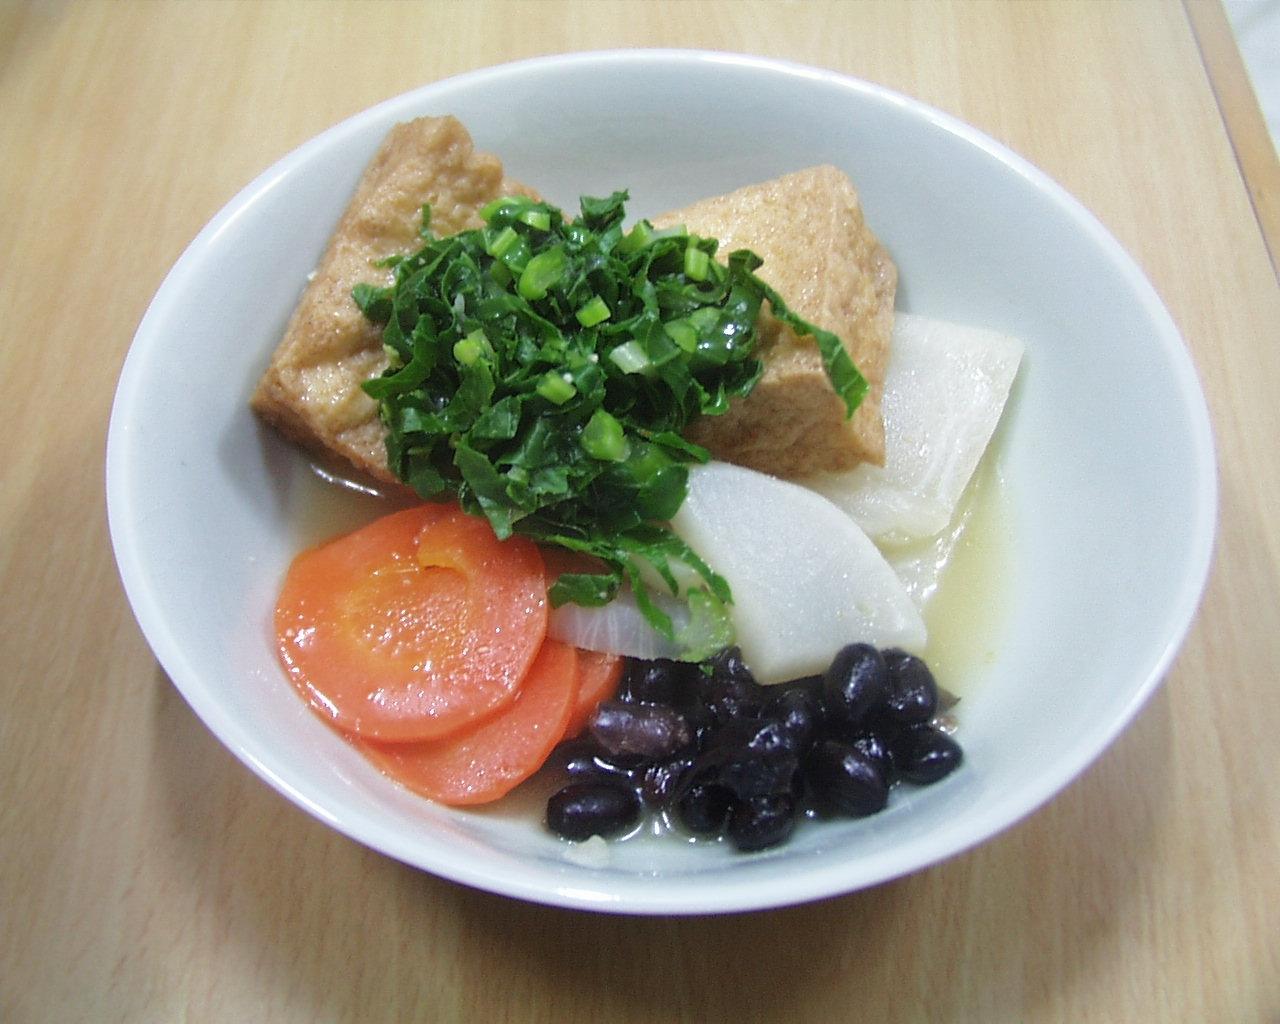 黒豆、かぶ、にんじん、厚揚げ、かぶの葉っぱの添え物